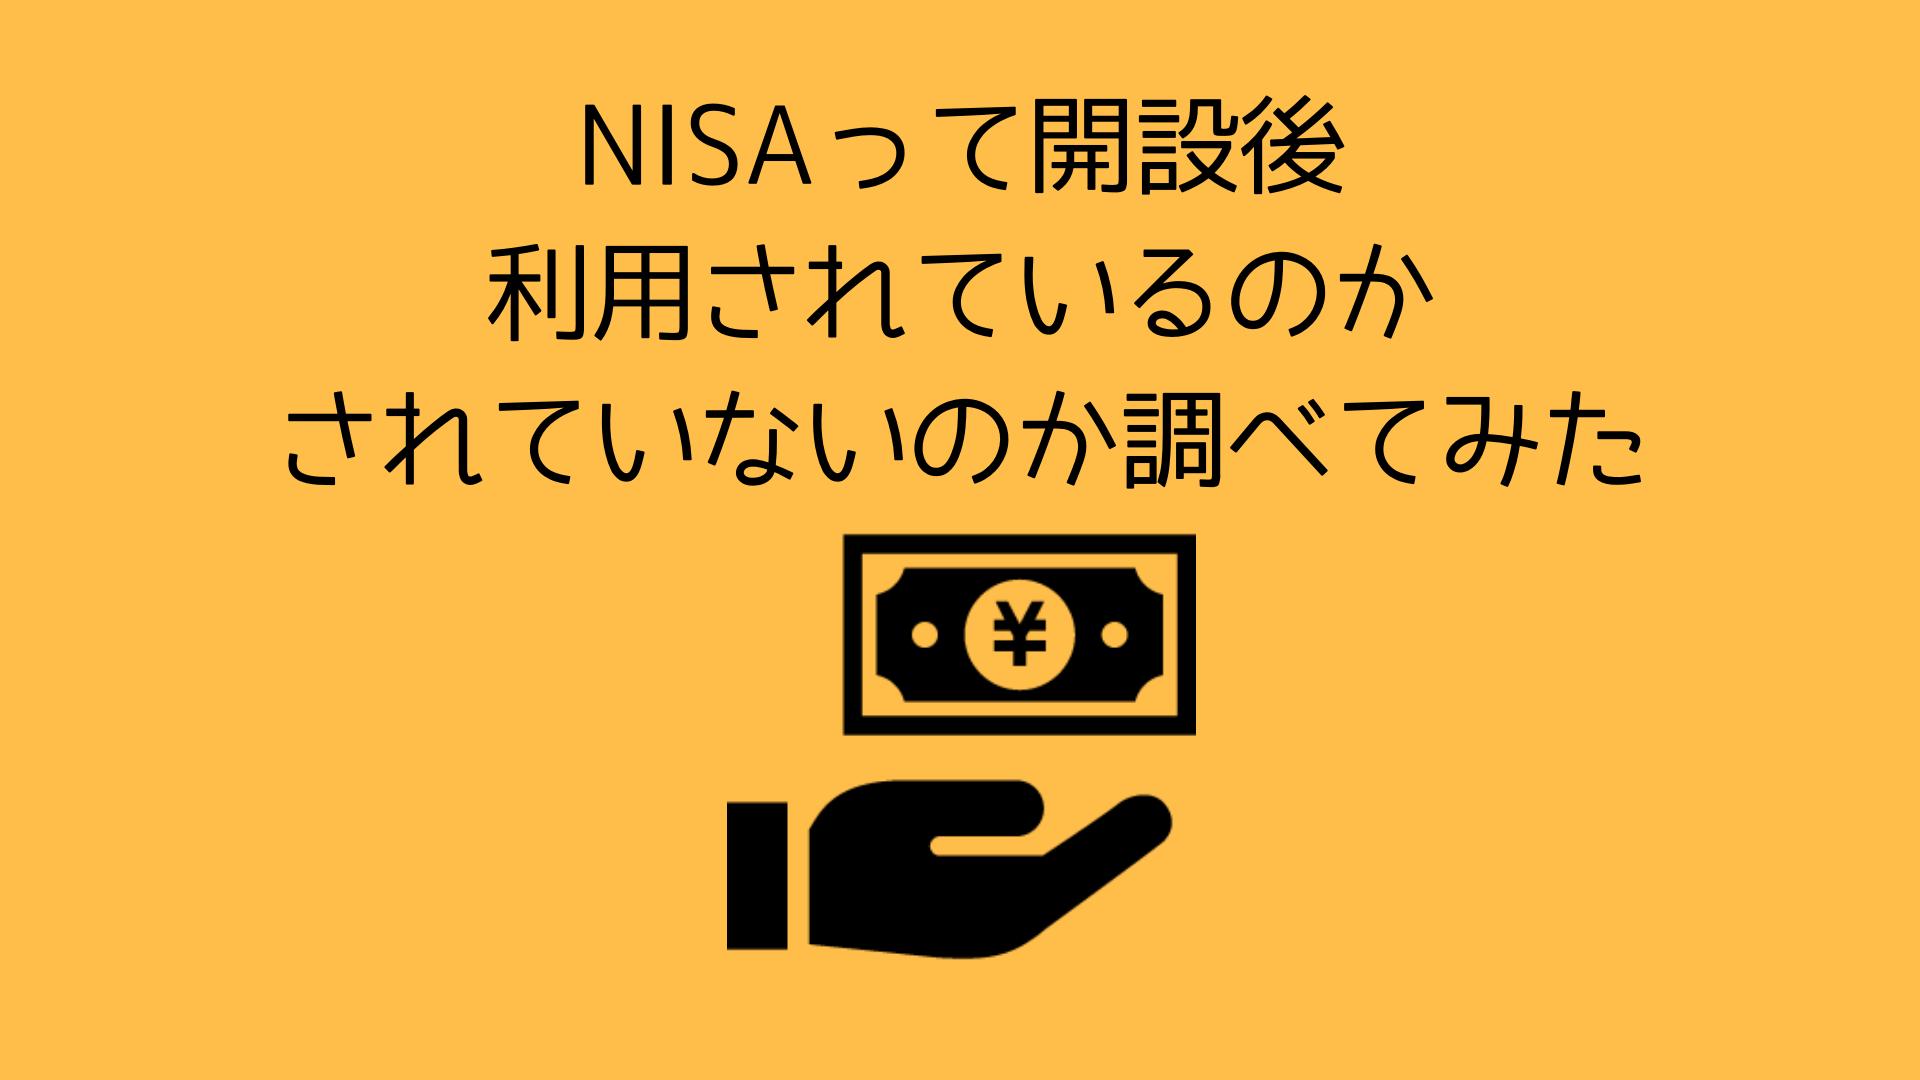 NISAって開設後利用されているのかされていないのか調べてみた